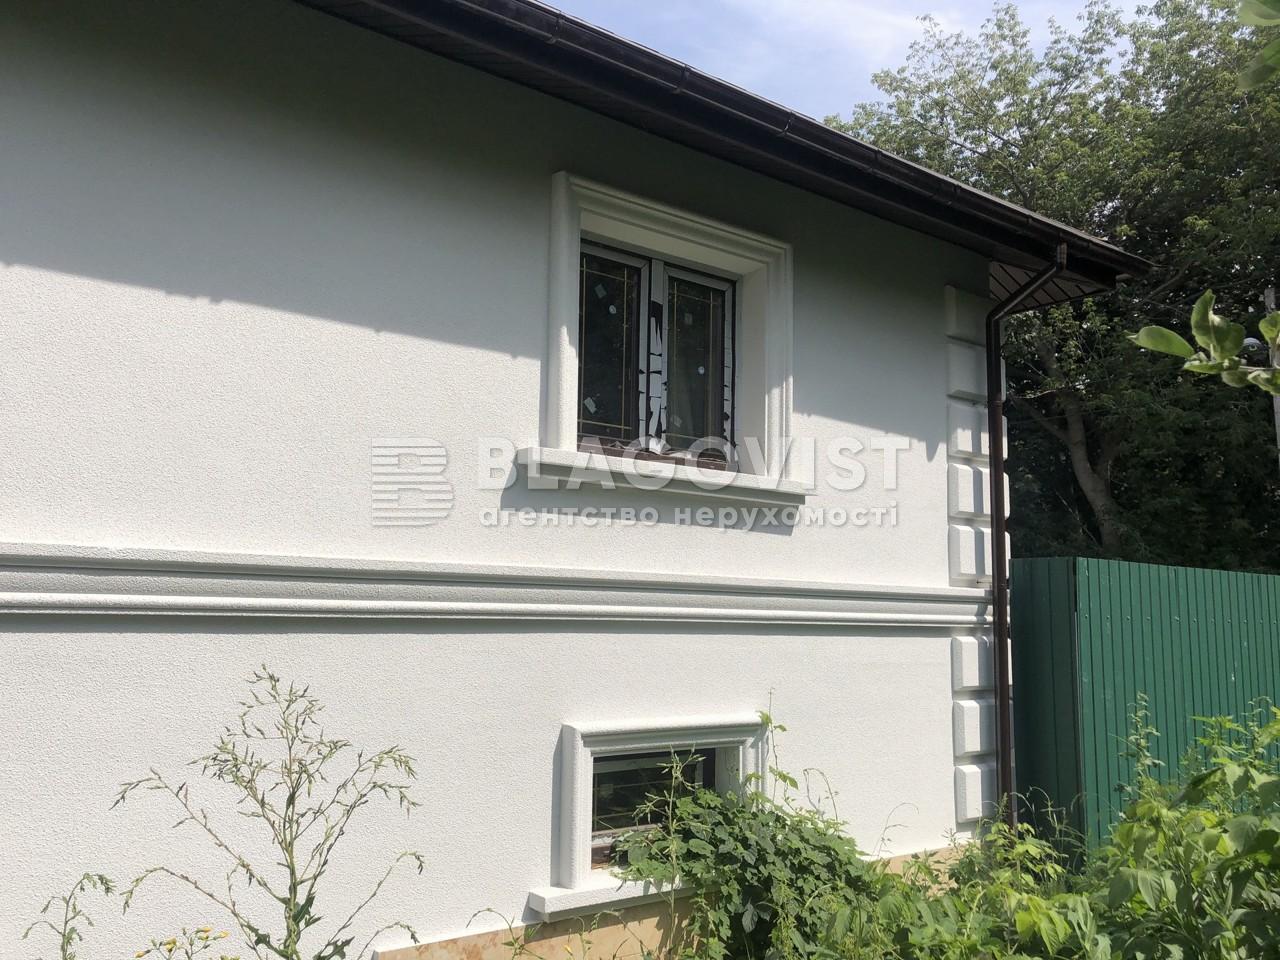 Дом C-109220, Кондукторская, Киев - Фото 4